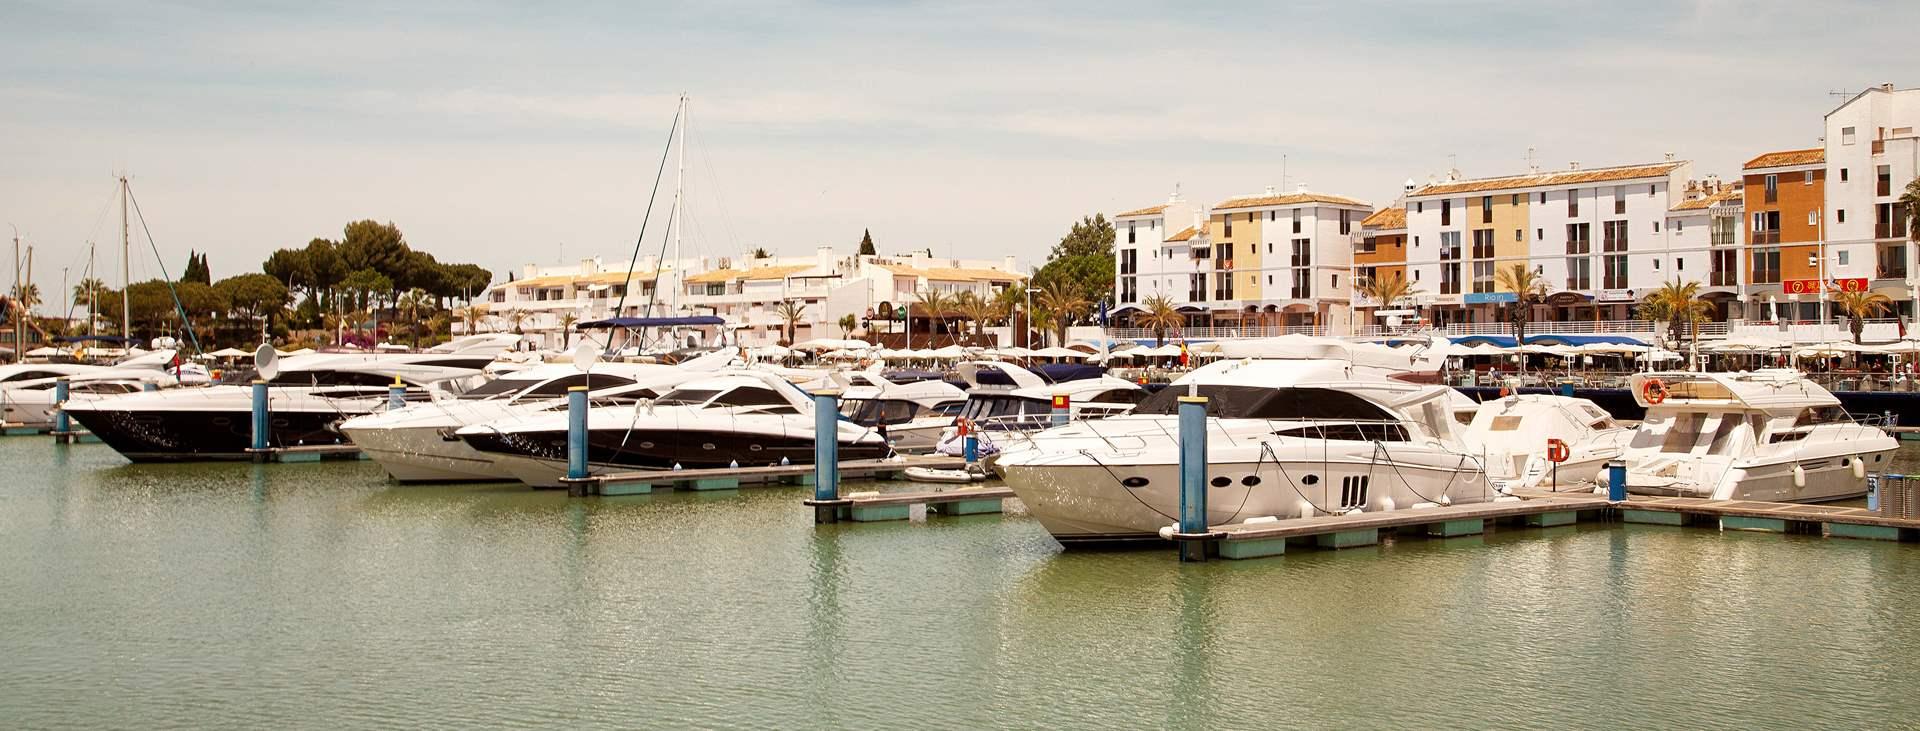 Houkutteleeko Vilamoura Algarven rannikolla? Varaa matkasi Tjäreborgilta